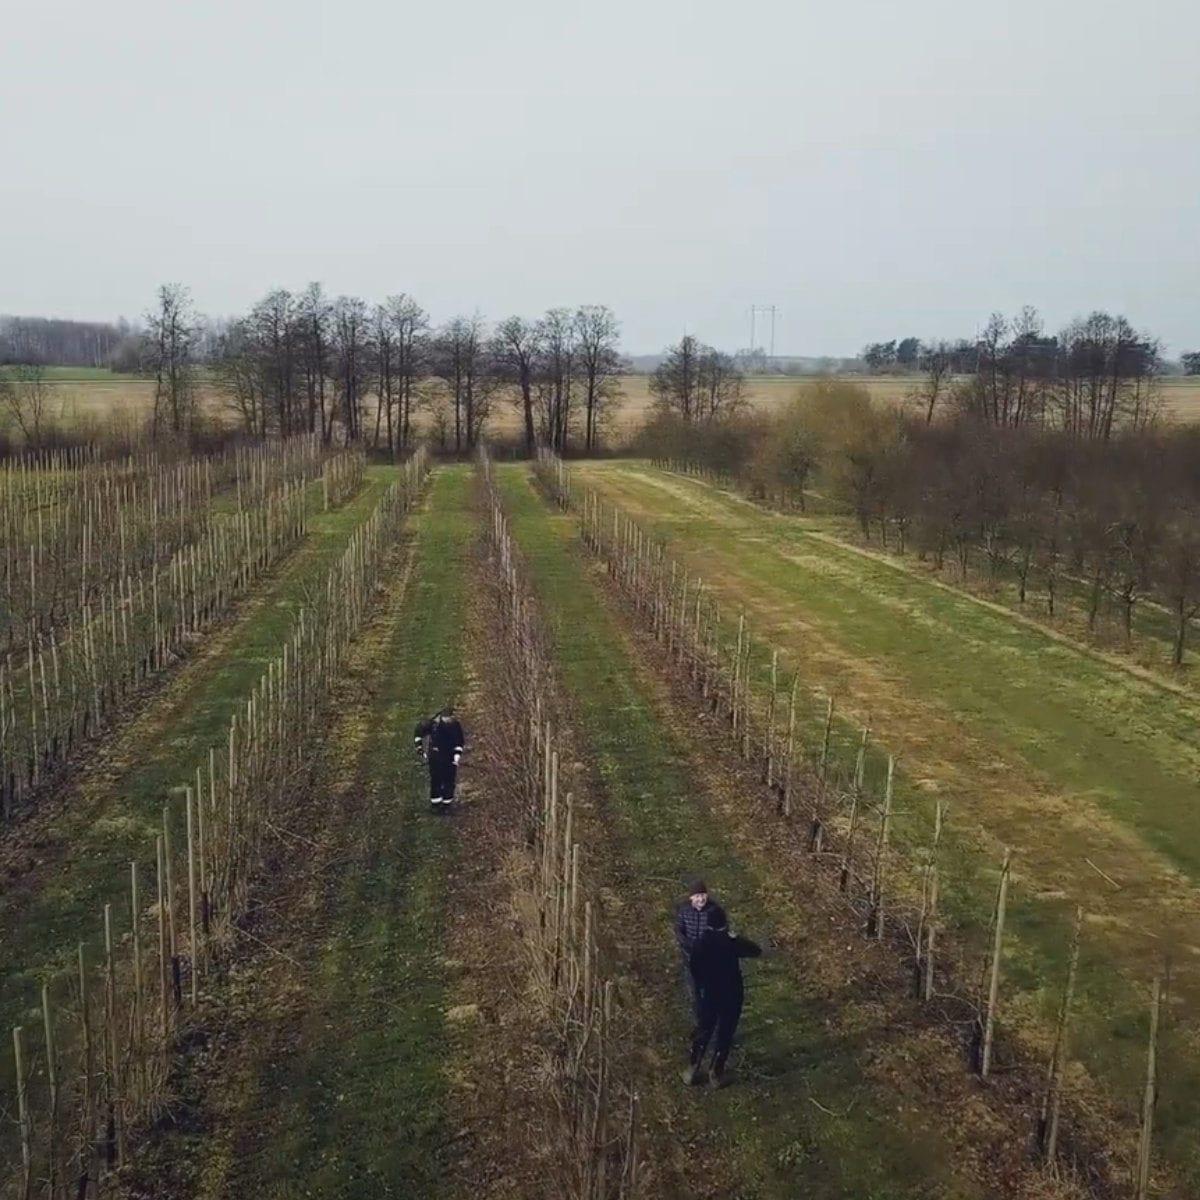 Beskärning av äppelträd för kommersiell fruktproduktion